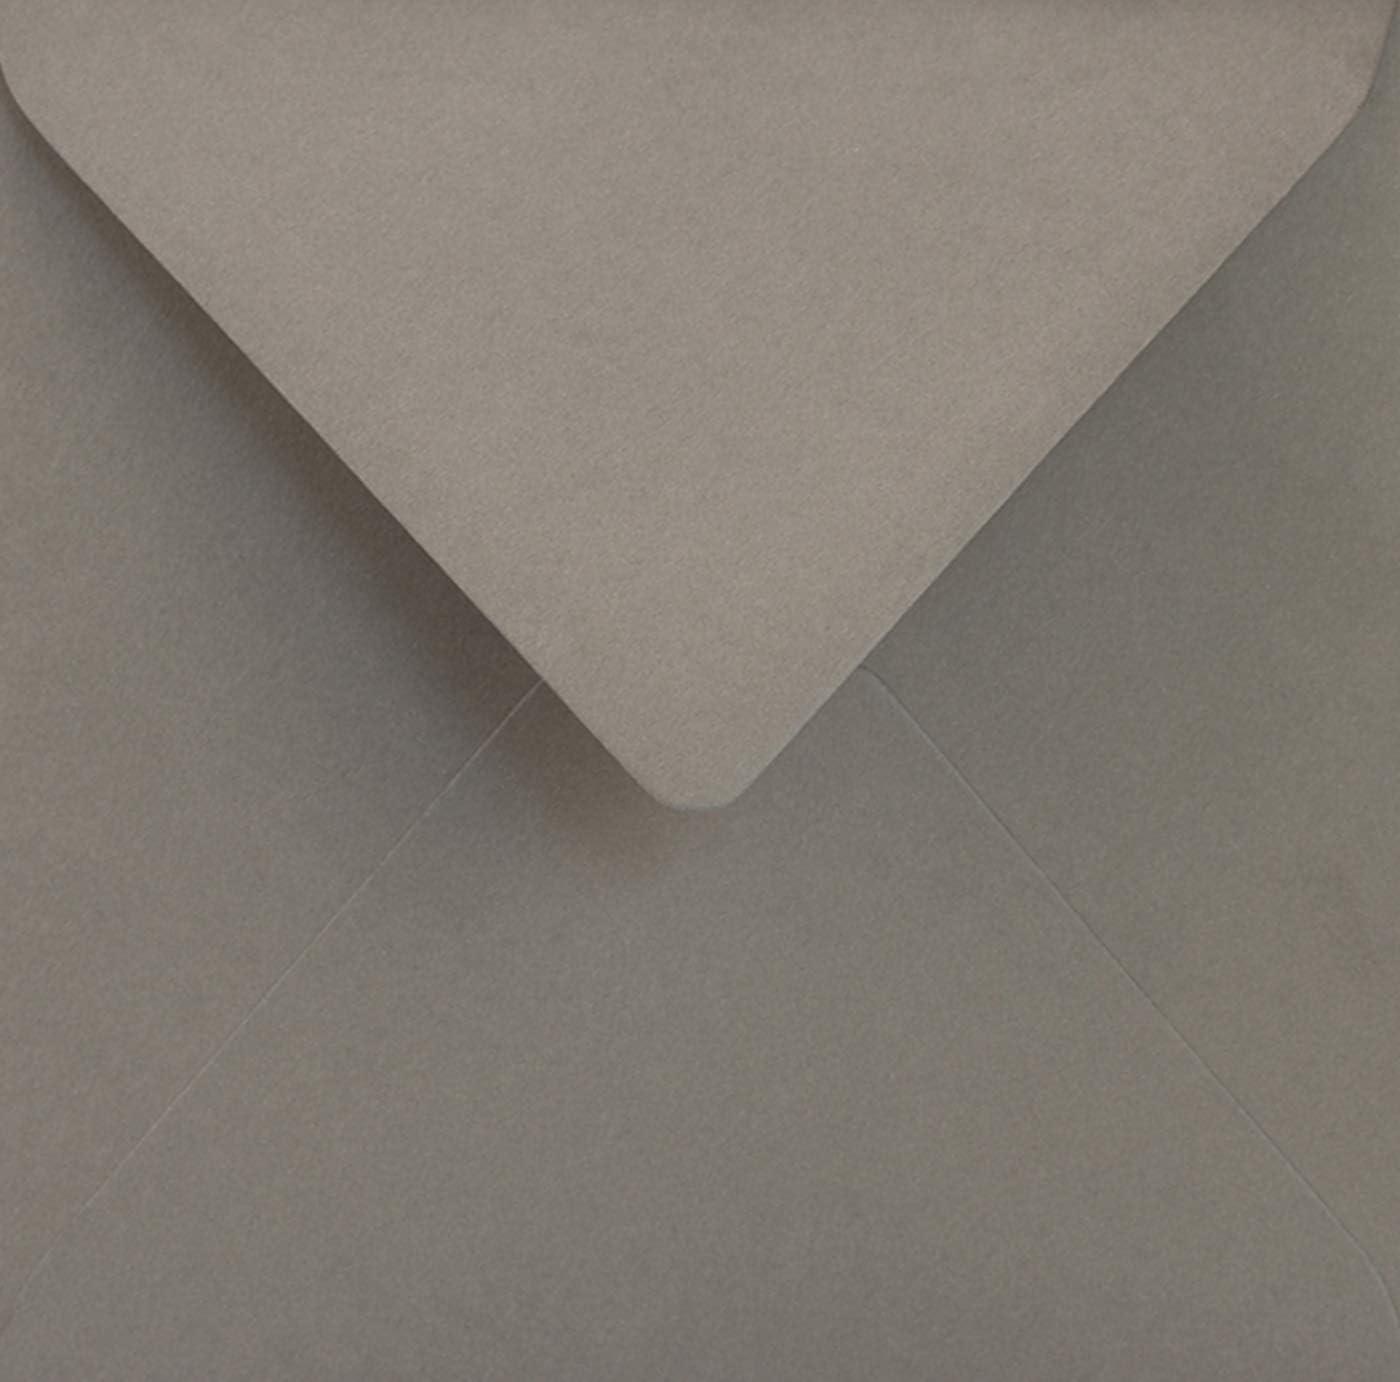 100 graue quadratische Umschl/äge ohne Fenster Spitzklappe 153x153 mm 115g Sirio Color Pietra farbige Briefh/üllen quadratisch Briefumschl/äge bunt f/ür Hochzeits-Karten Einladungs-Karten